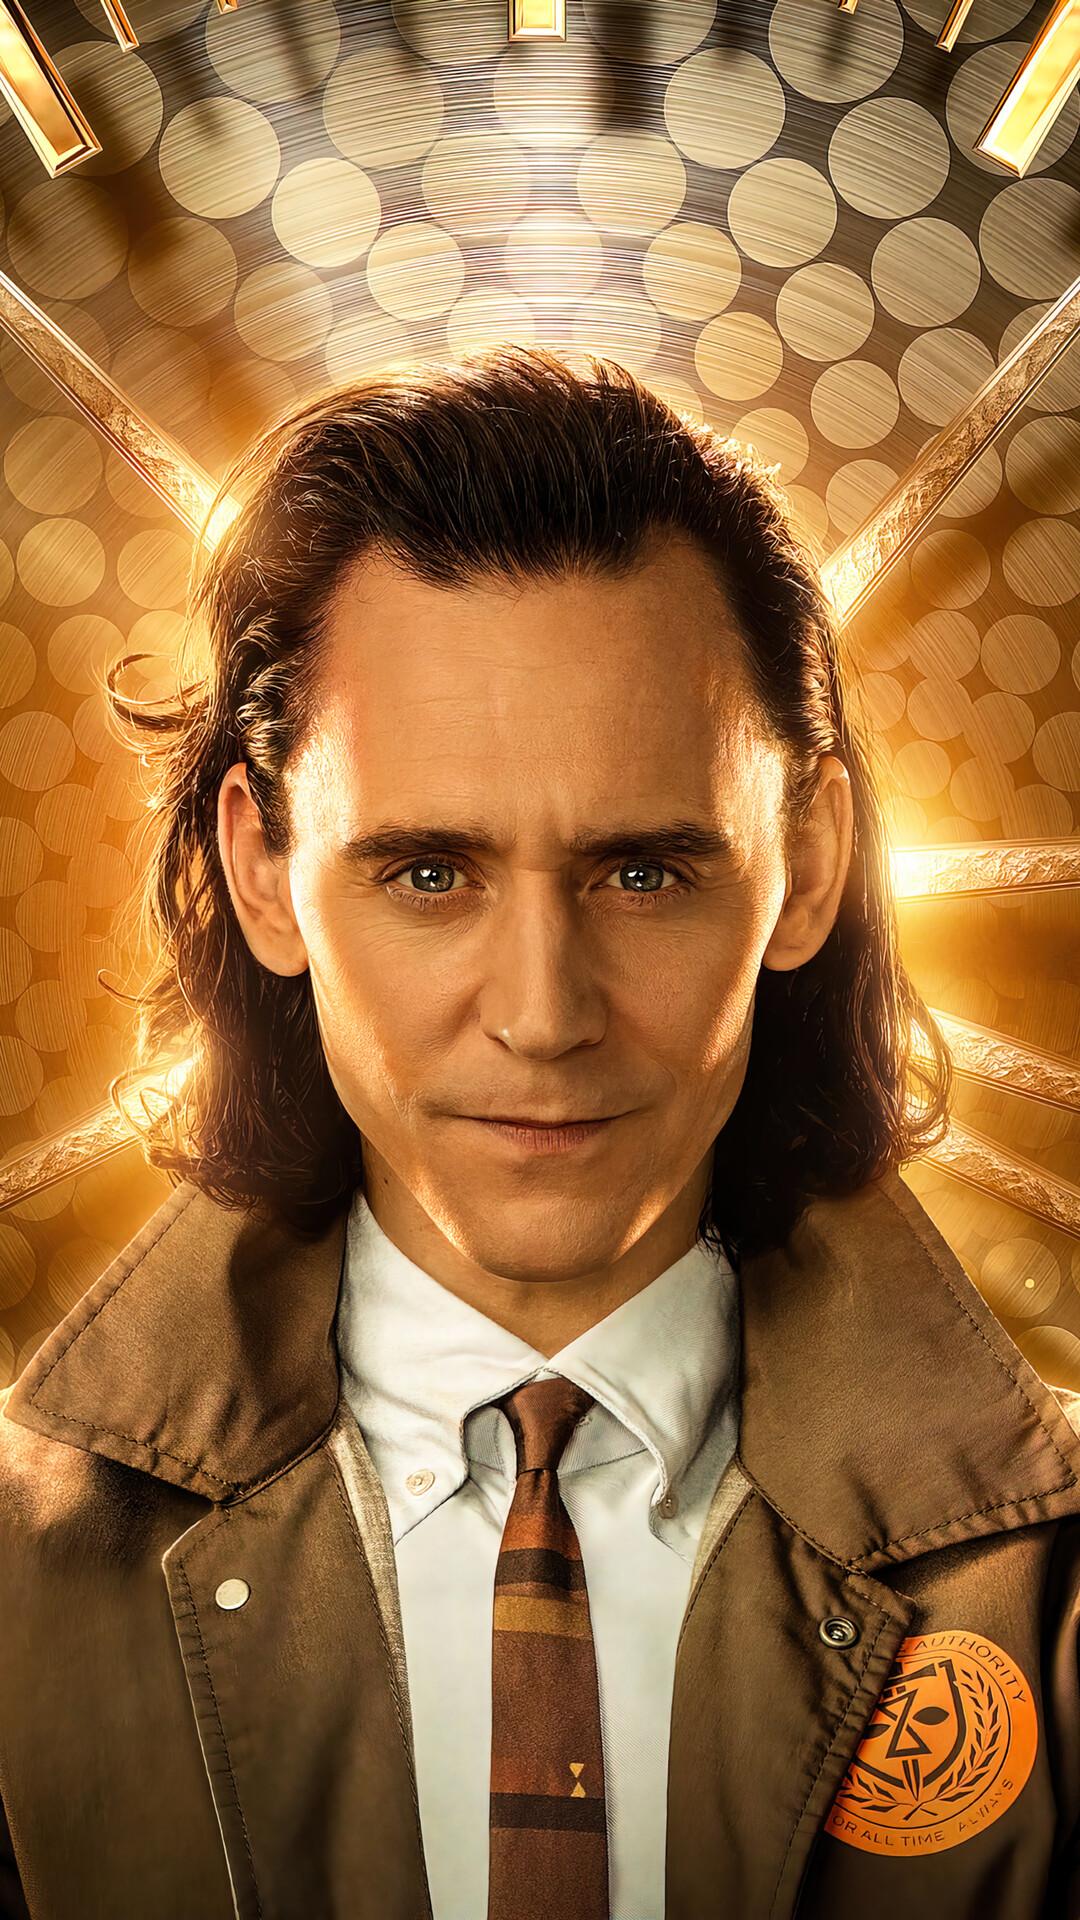 Loki TV Series Tom Hiddleston Wallpaper 4K PC Desktop 7980a 1080x1920